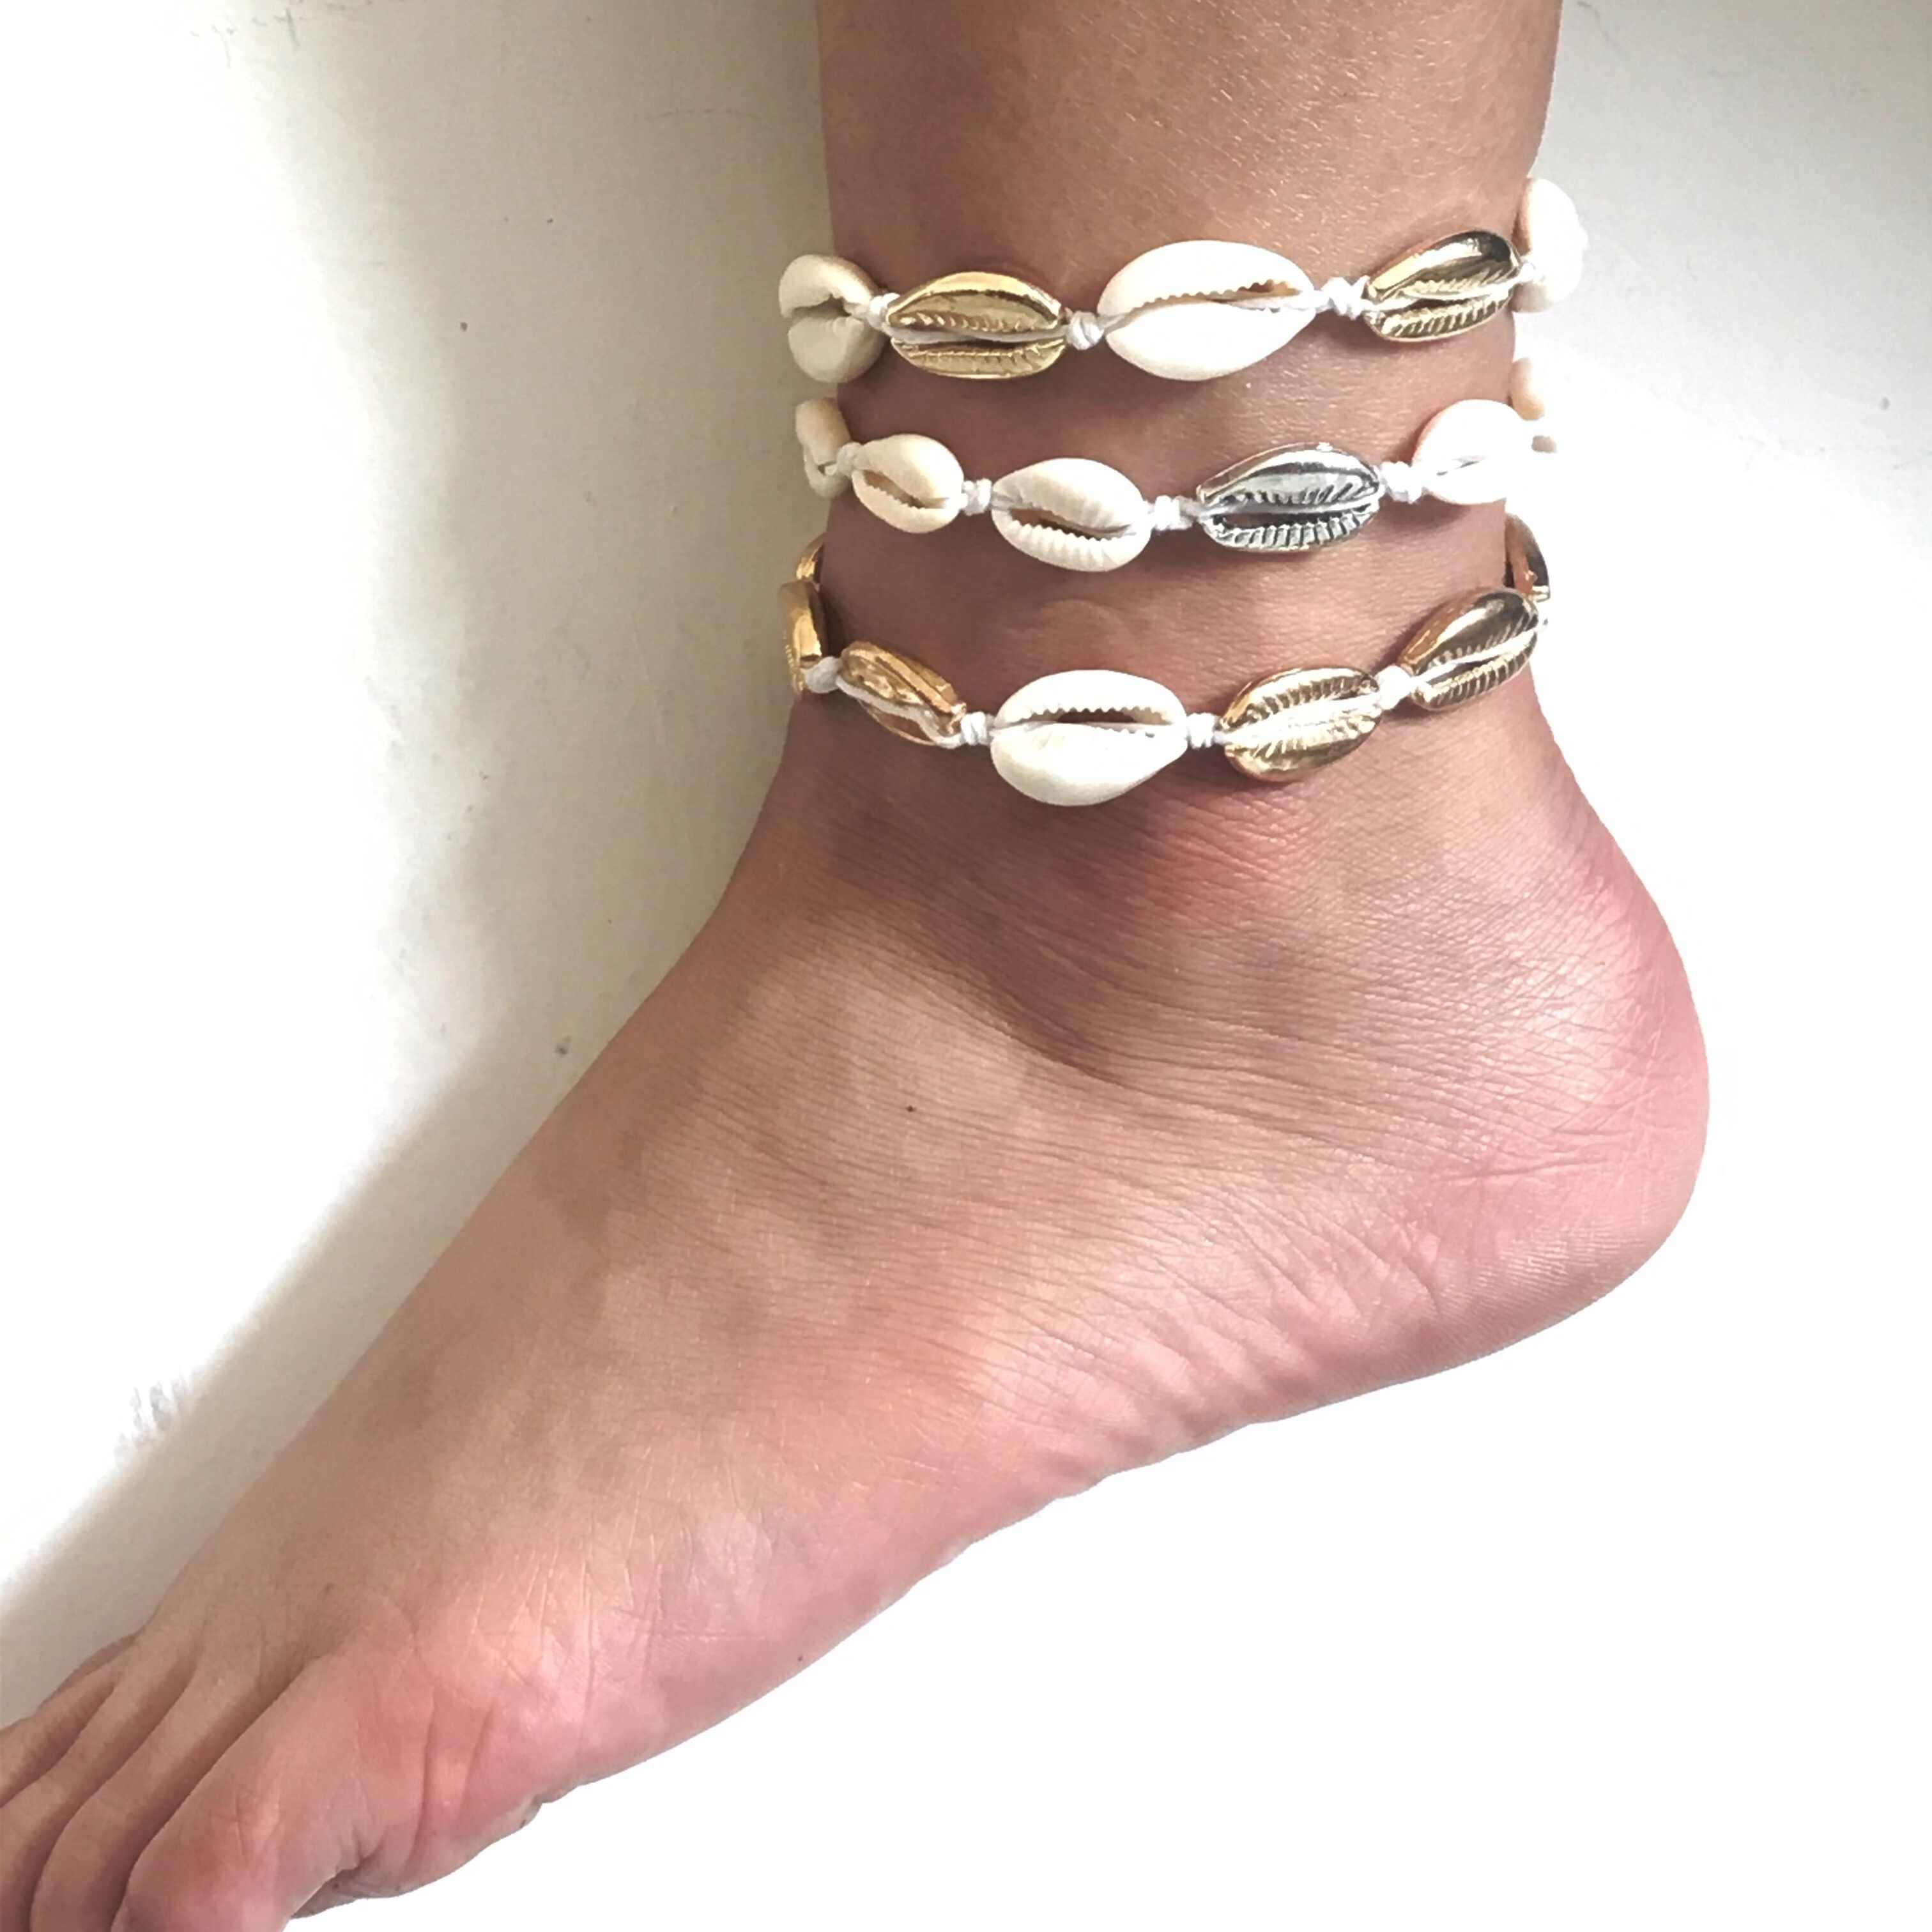 Anklets สำหรับผู้หญิง shell เครื่องประดับฤดูร้อนชายหาดสร้อยข้อมือข้อเท้าขาข้อเท้าโบฮีเมียนอุปกรณ์เสริมเชลล์ anklets